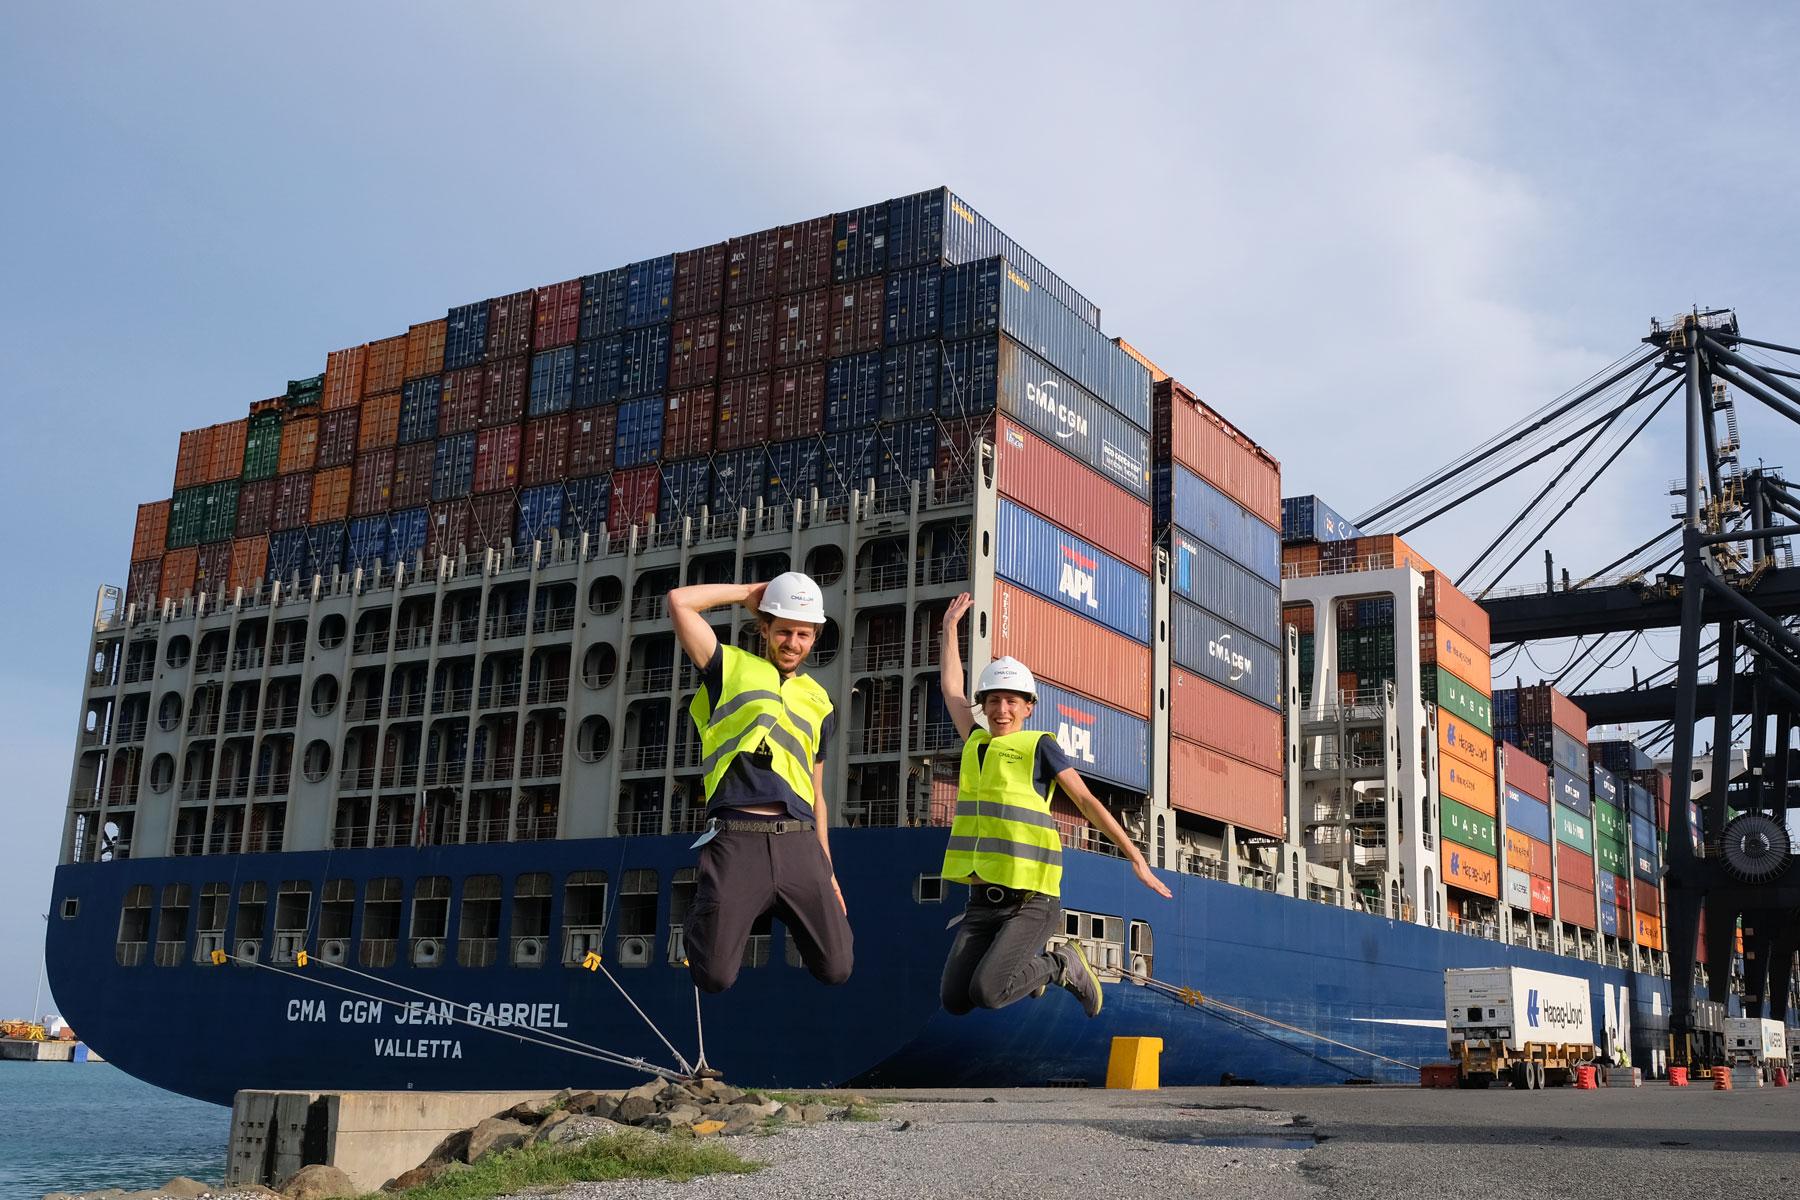 Leo und Sebastian springen vor dem Containerschiff am Hafen Caucedo in die Luft.